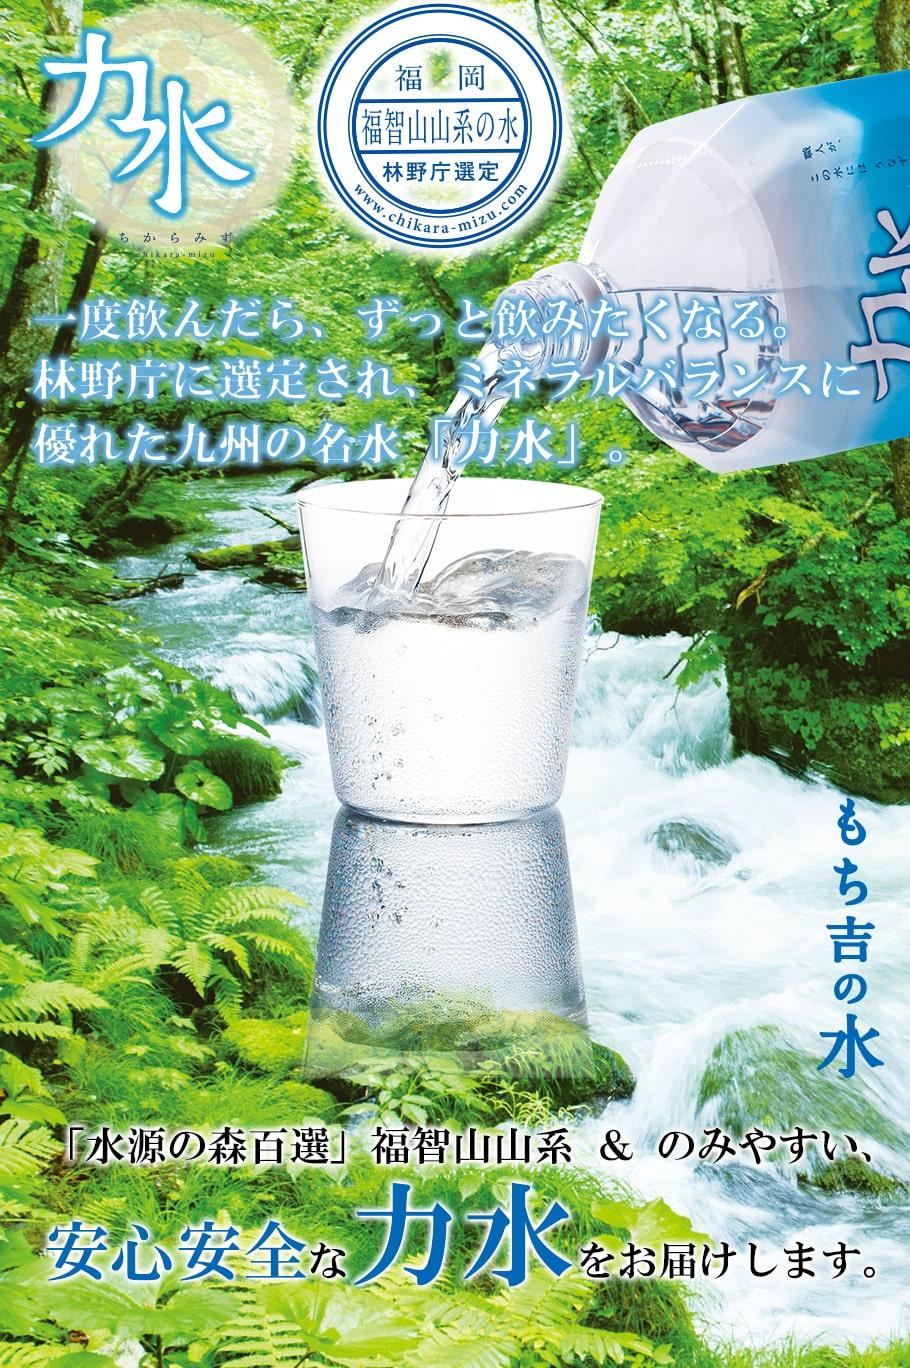 力水 - 一度飲んだら、ずっと飲みたくなる。